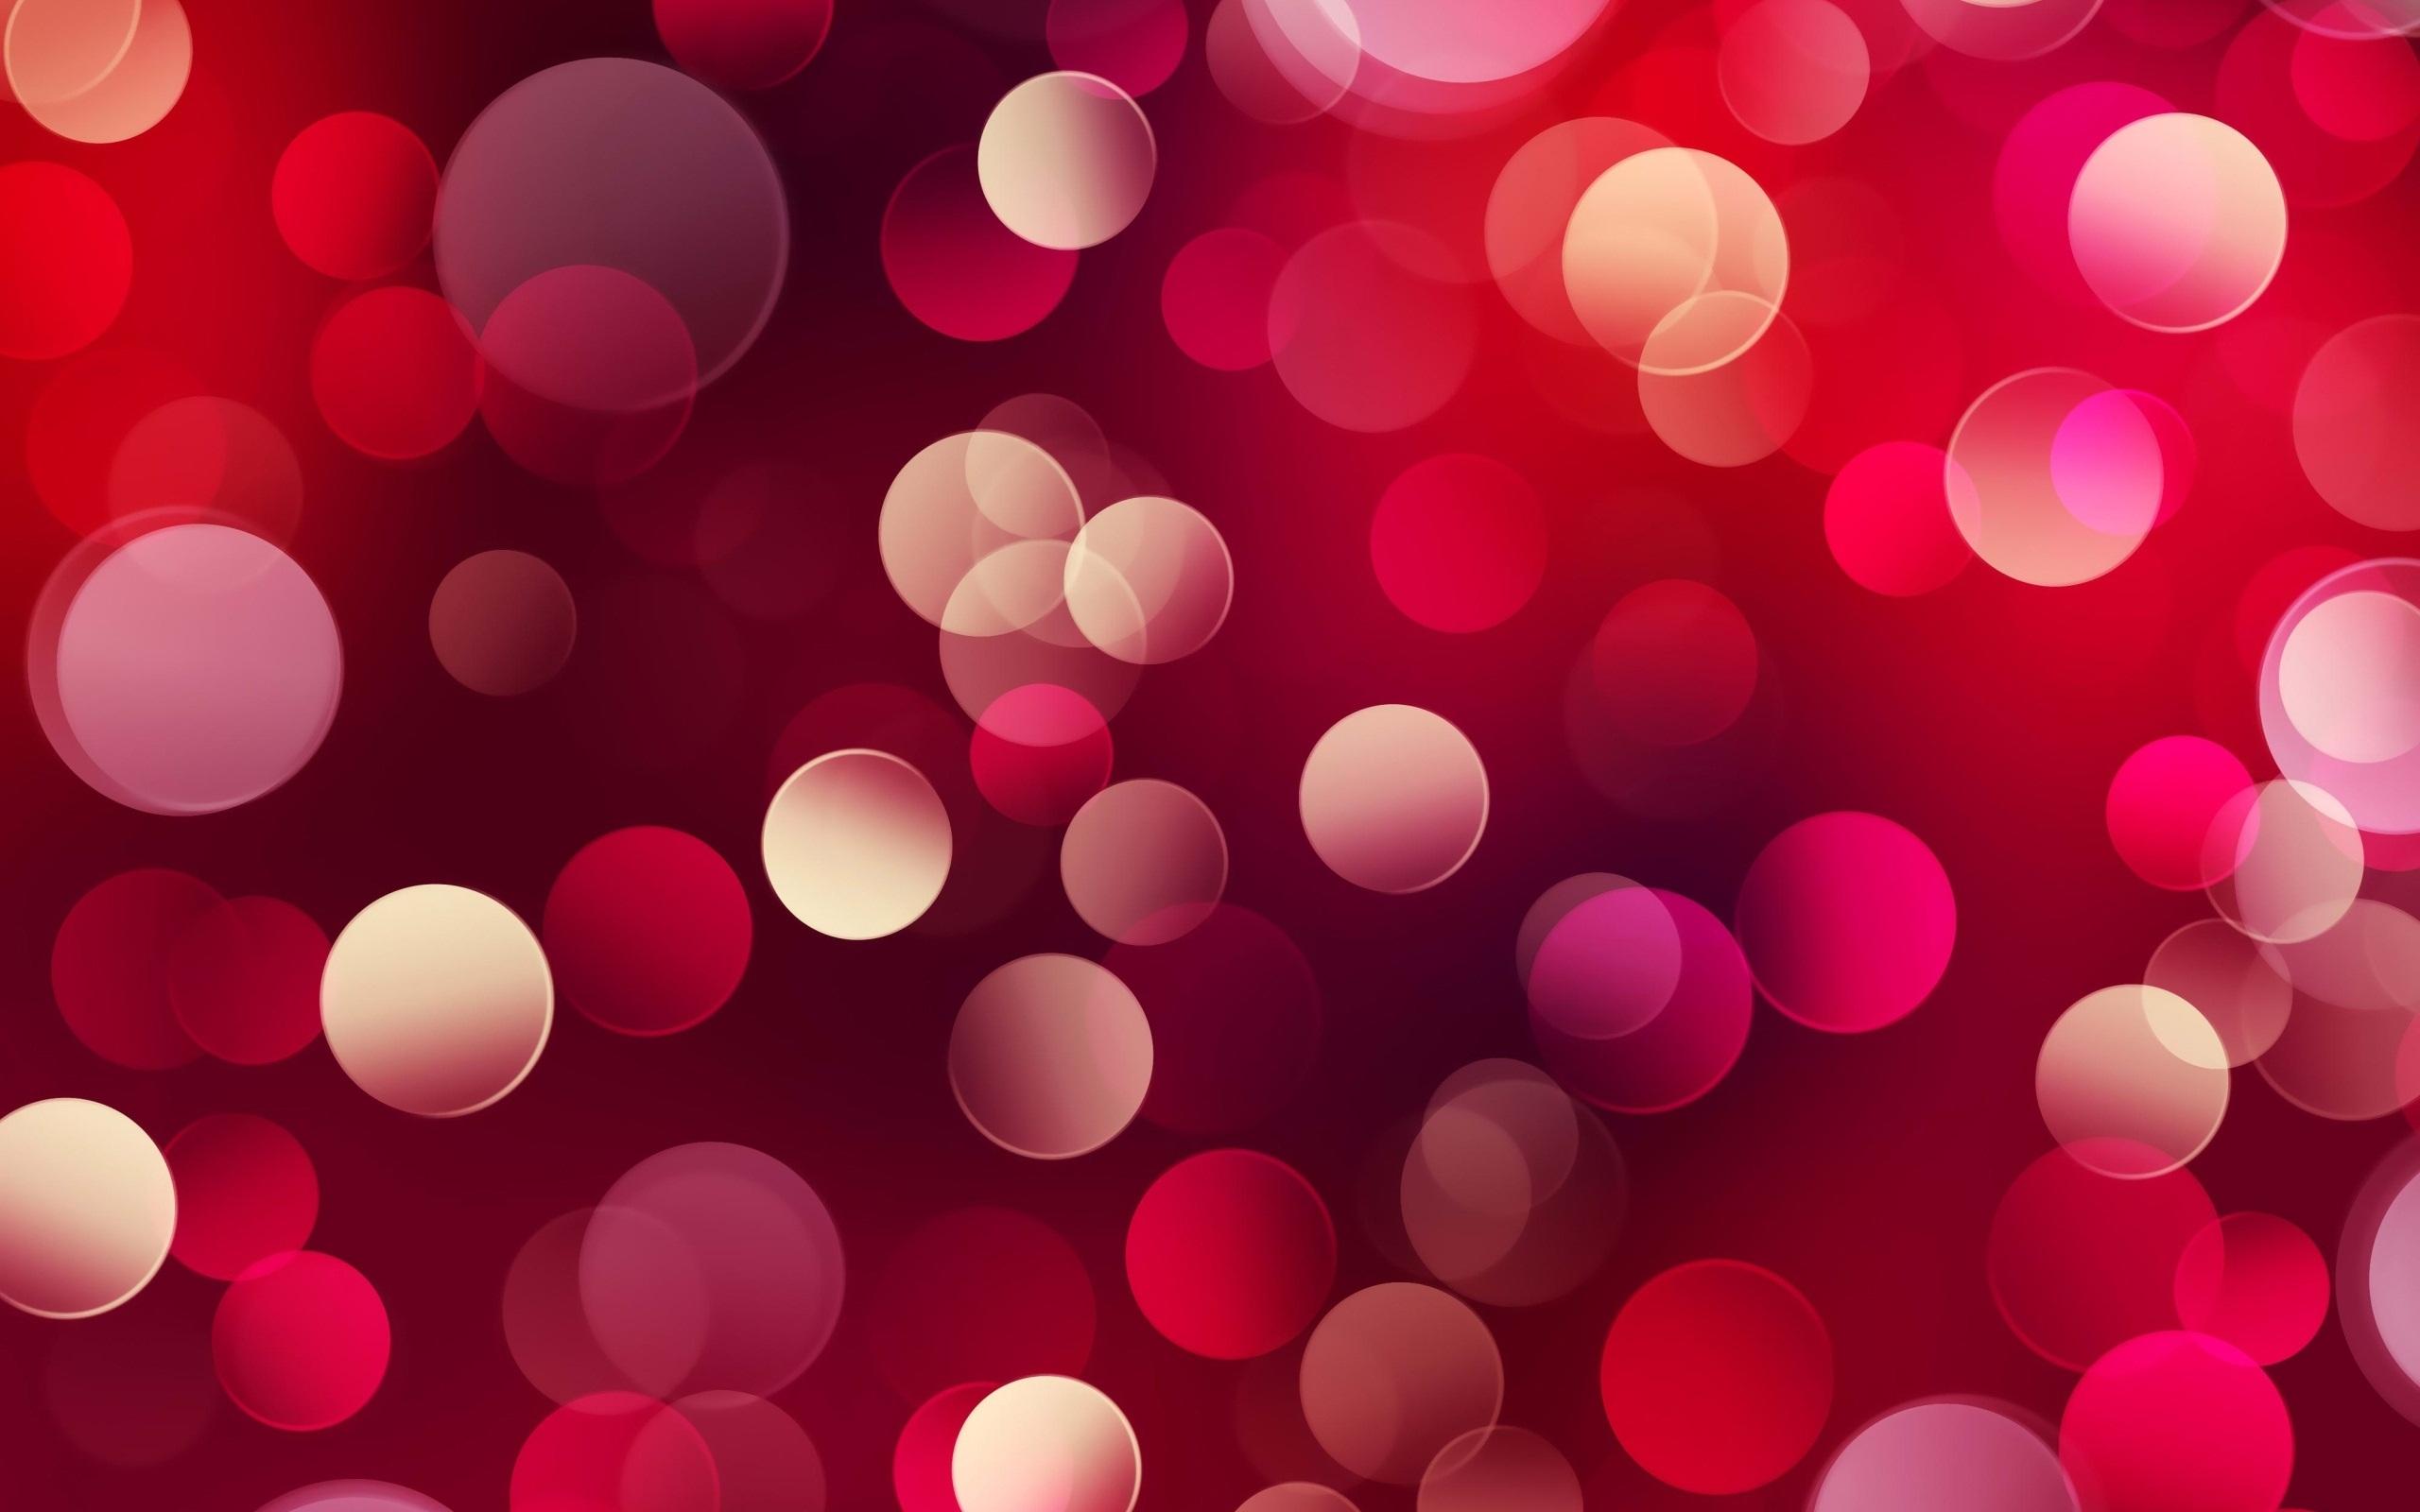 Red Abstract Wallpaper Widescreen 6386 Wallpaper 2560x1600